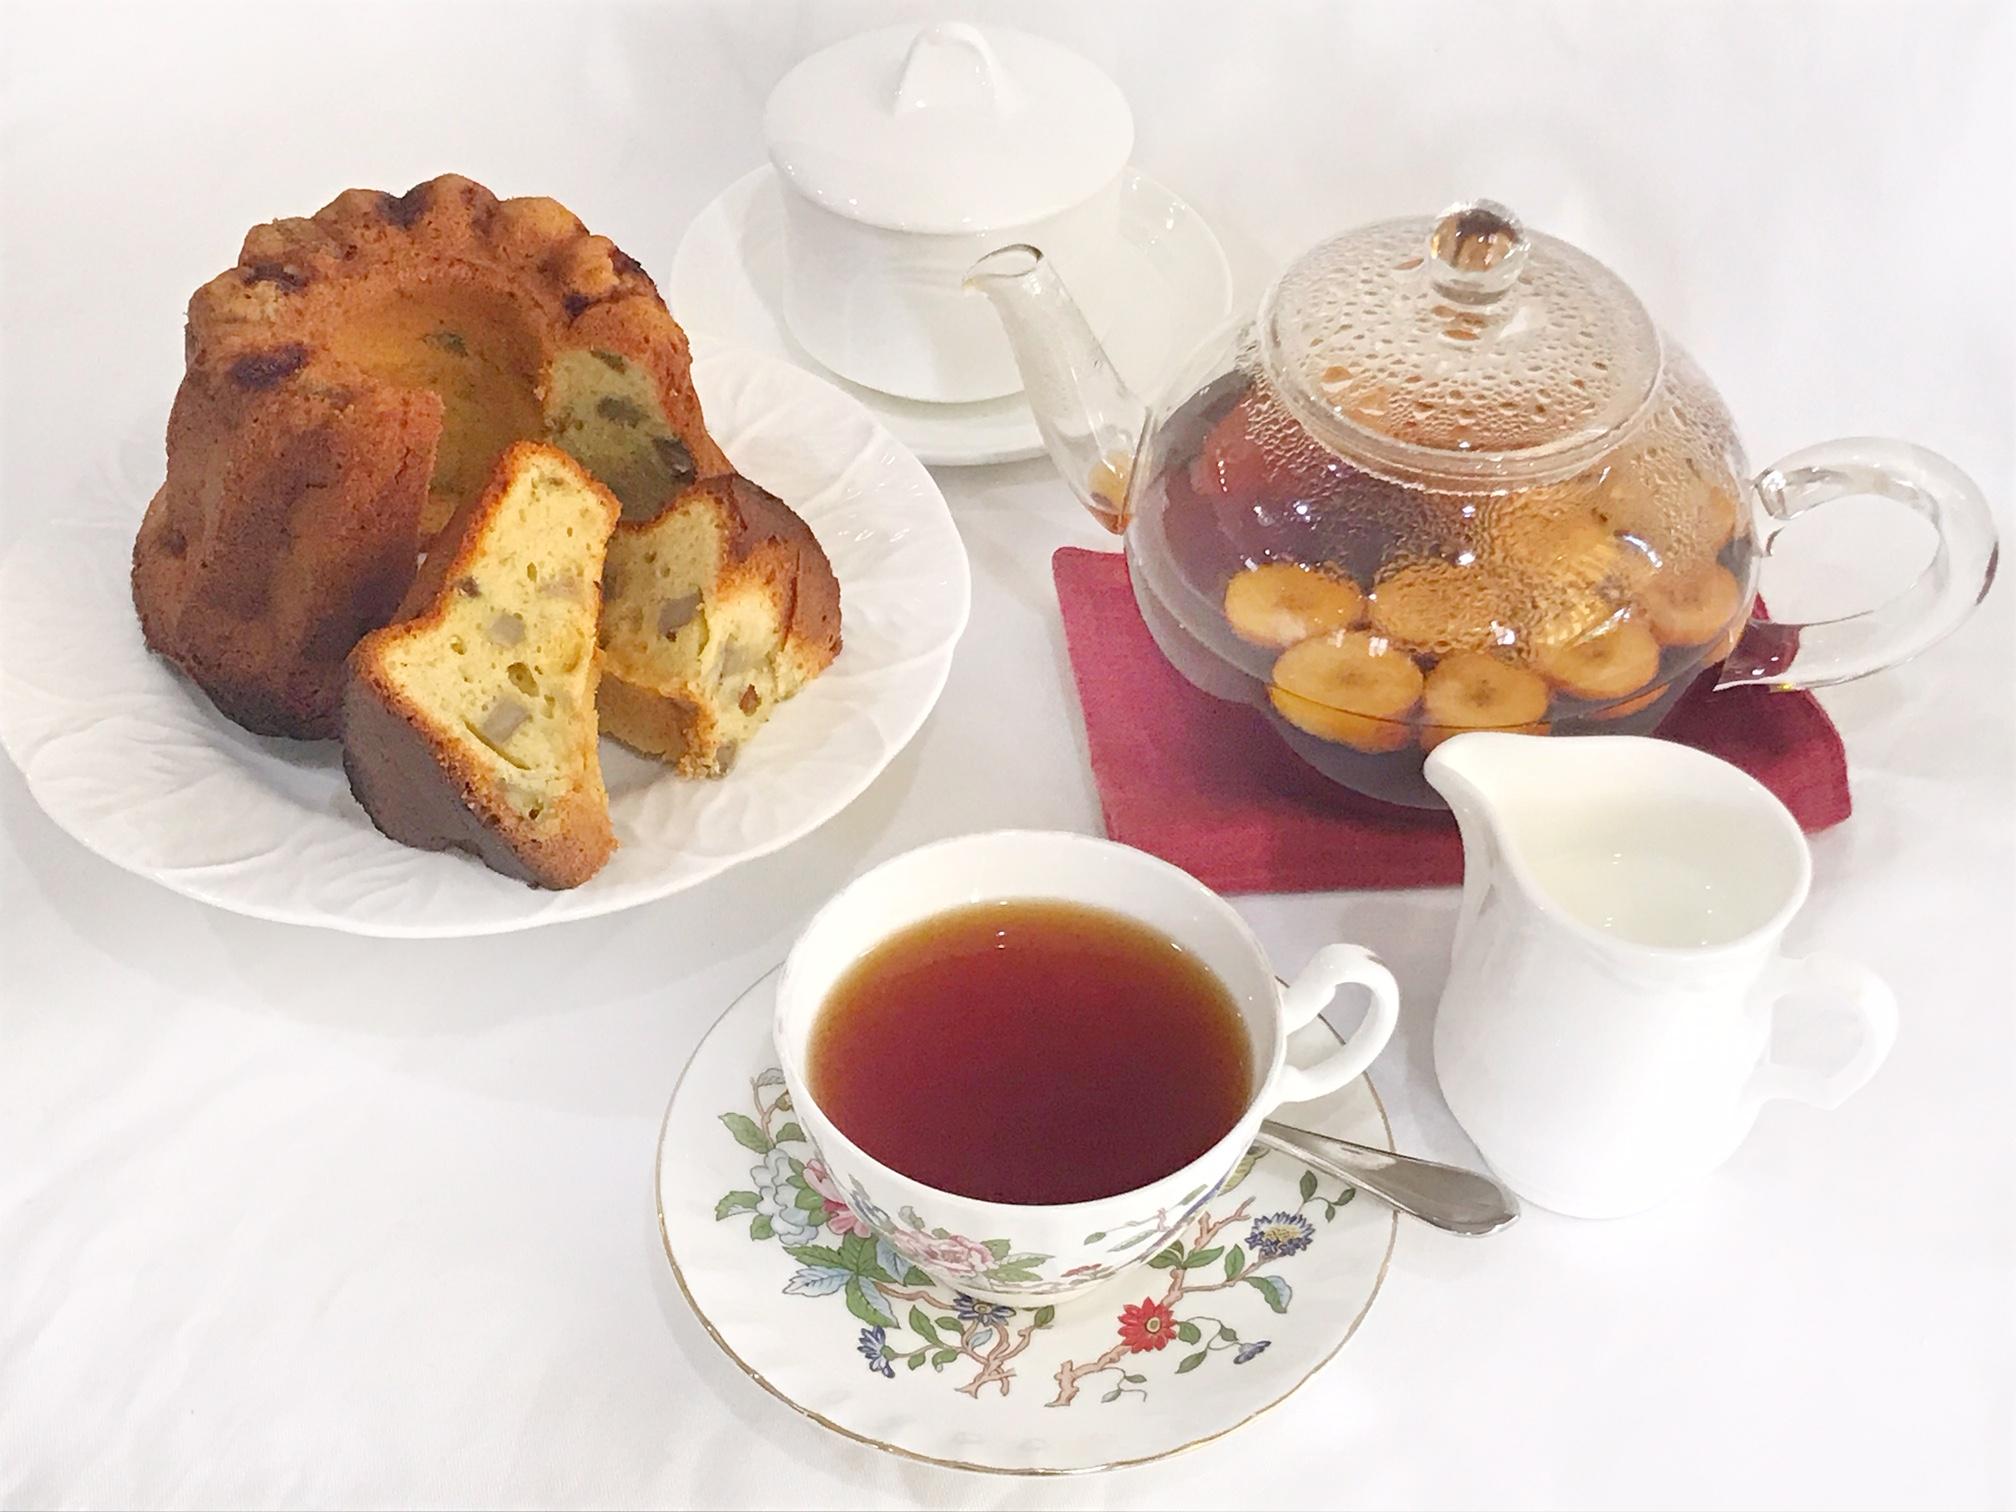 プロに習う ★ 紅茶の淹れ方と 秋のケーキ作り ★